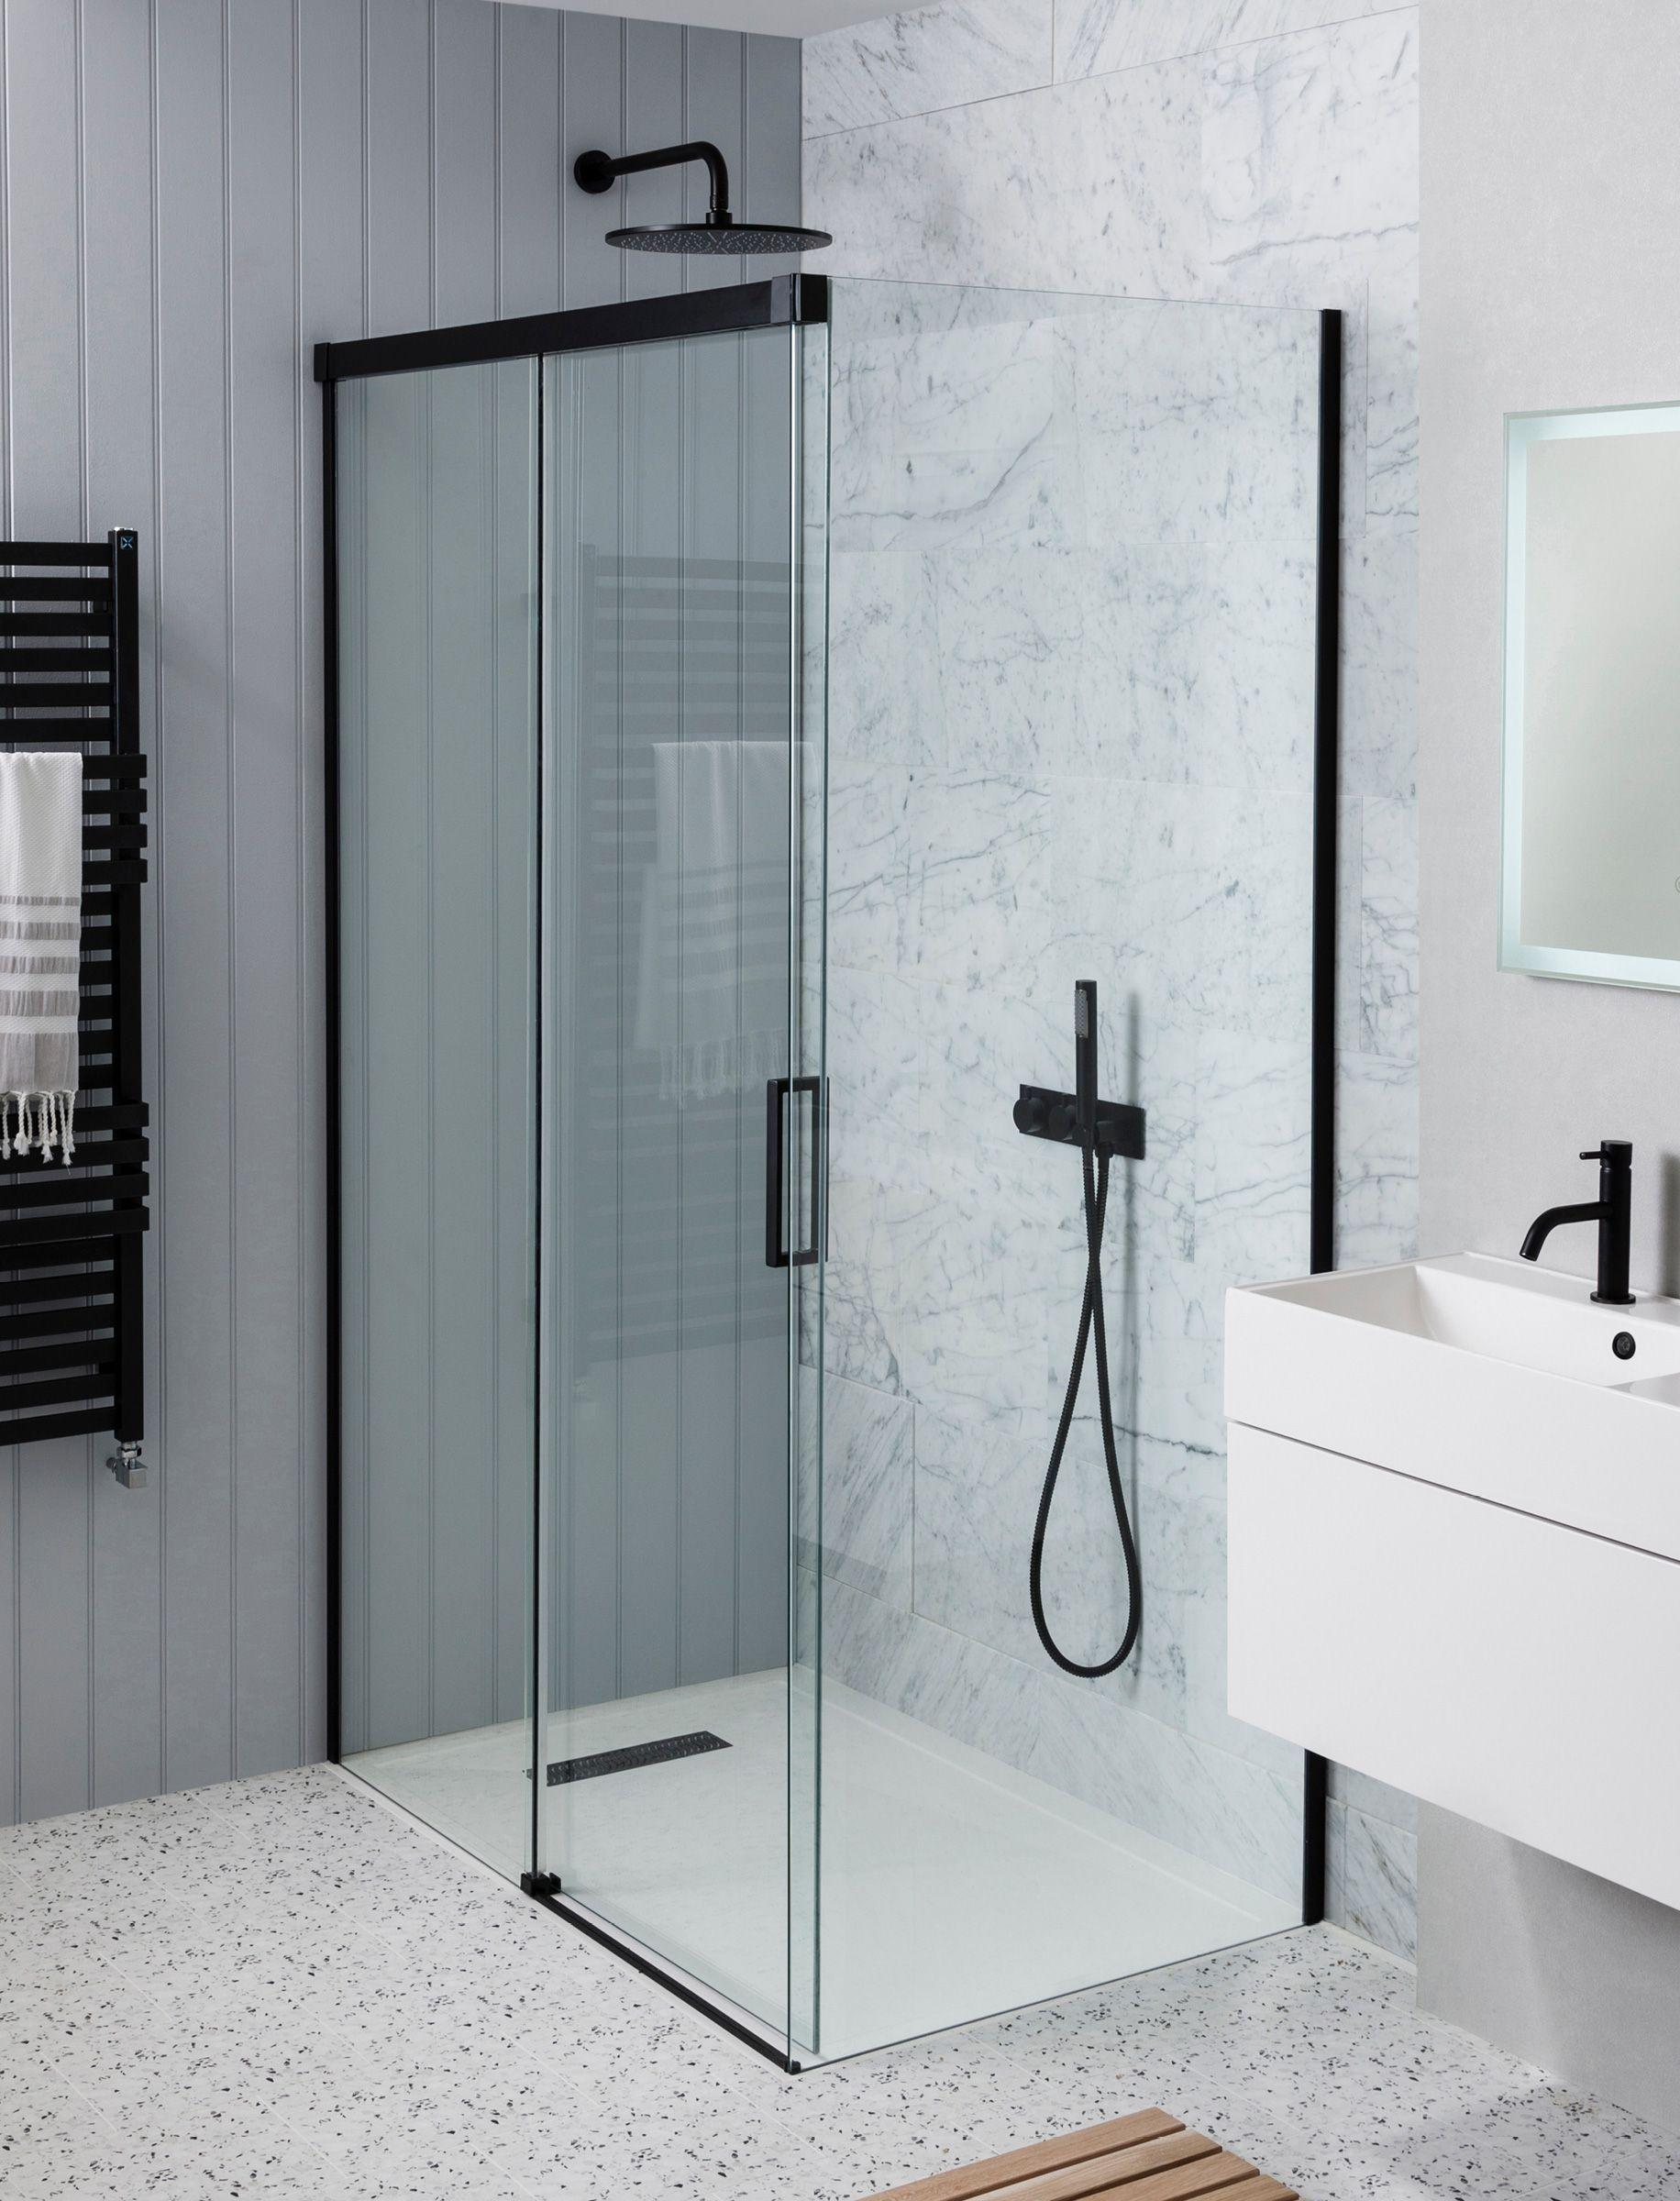 Undefined Luxuryshoweraccessories Shower Doors Sliding Shower Door Luxury Shower